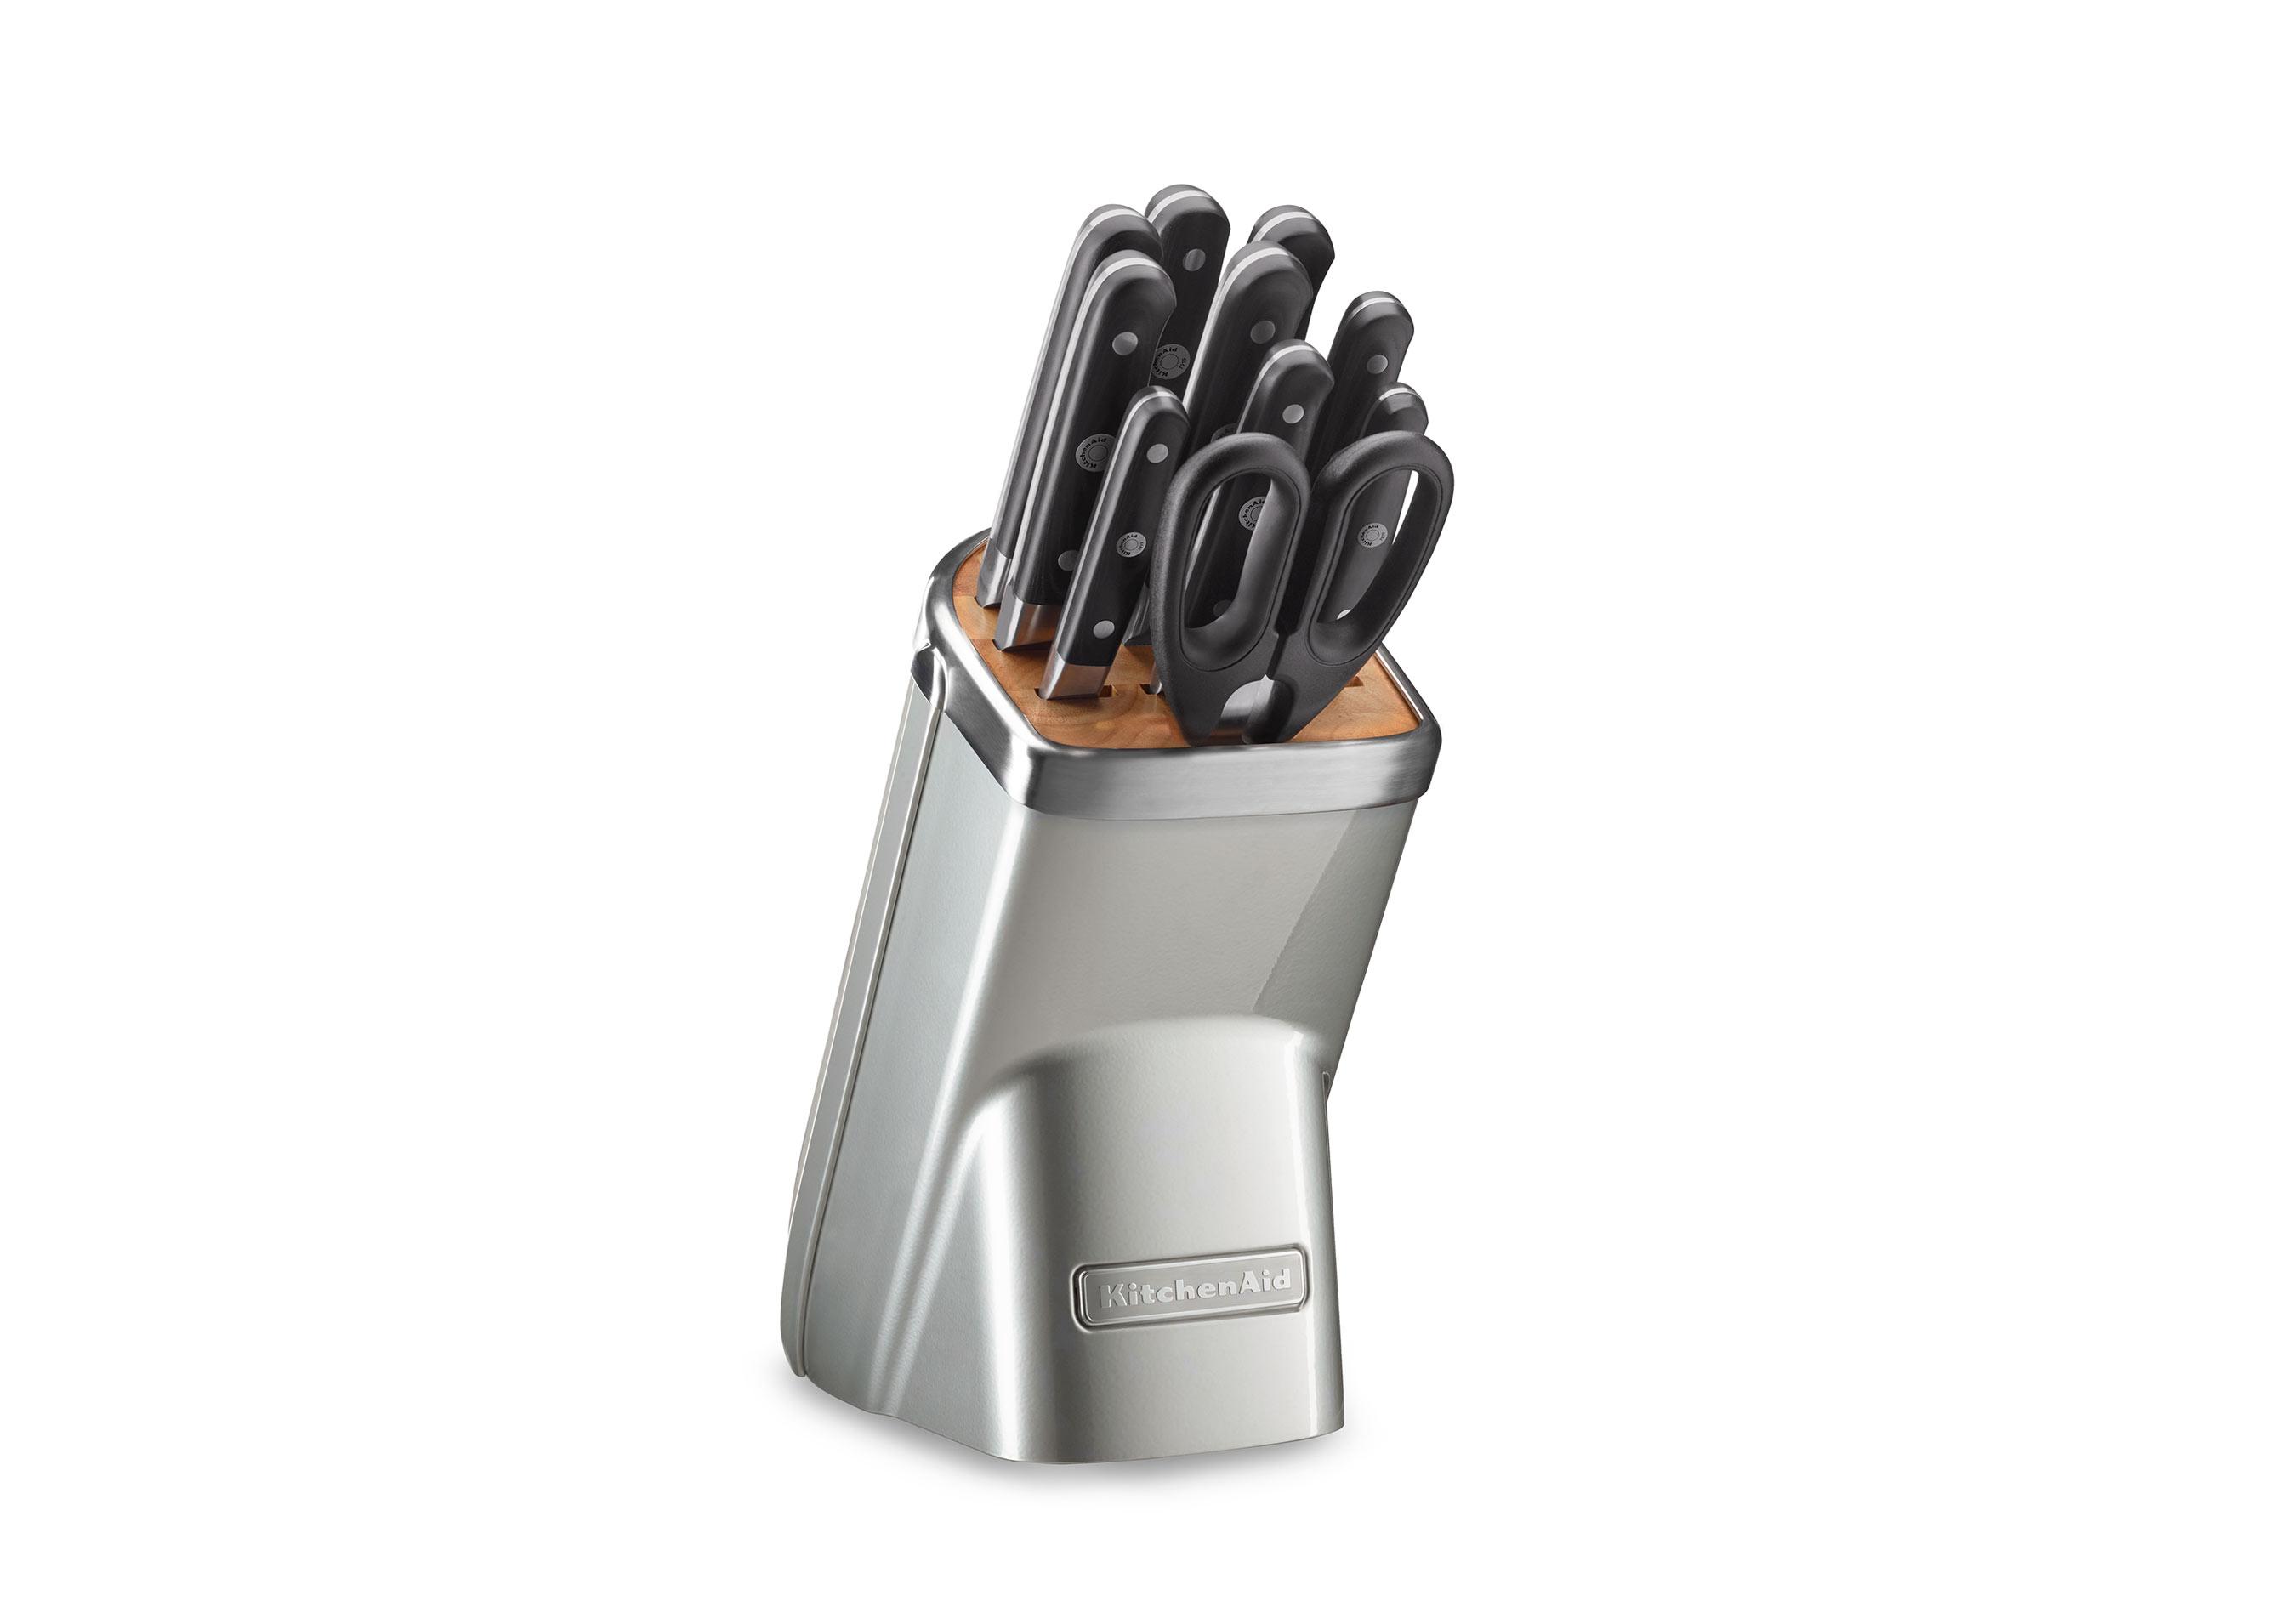 KitchenAid 11-Piece Cutlery Set